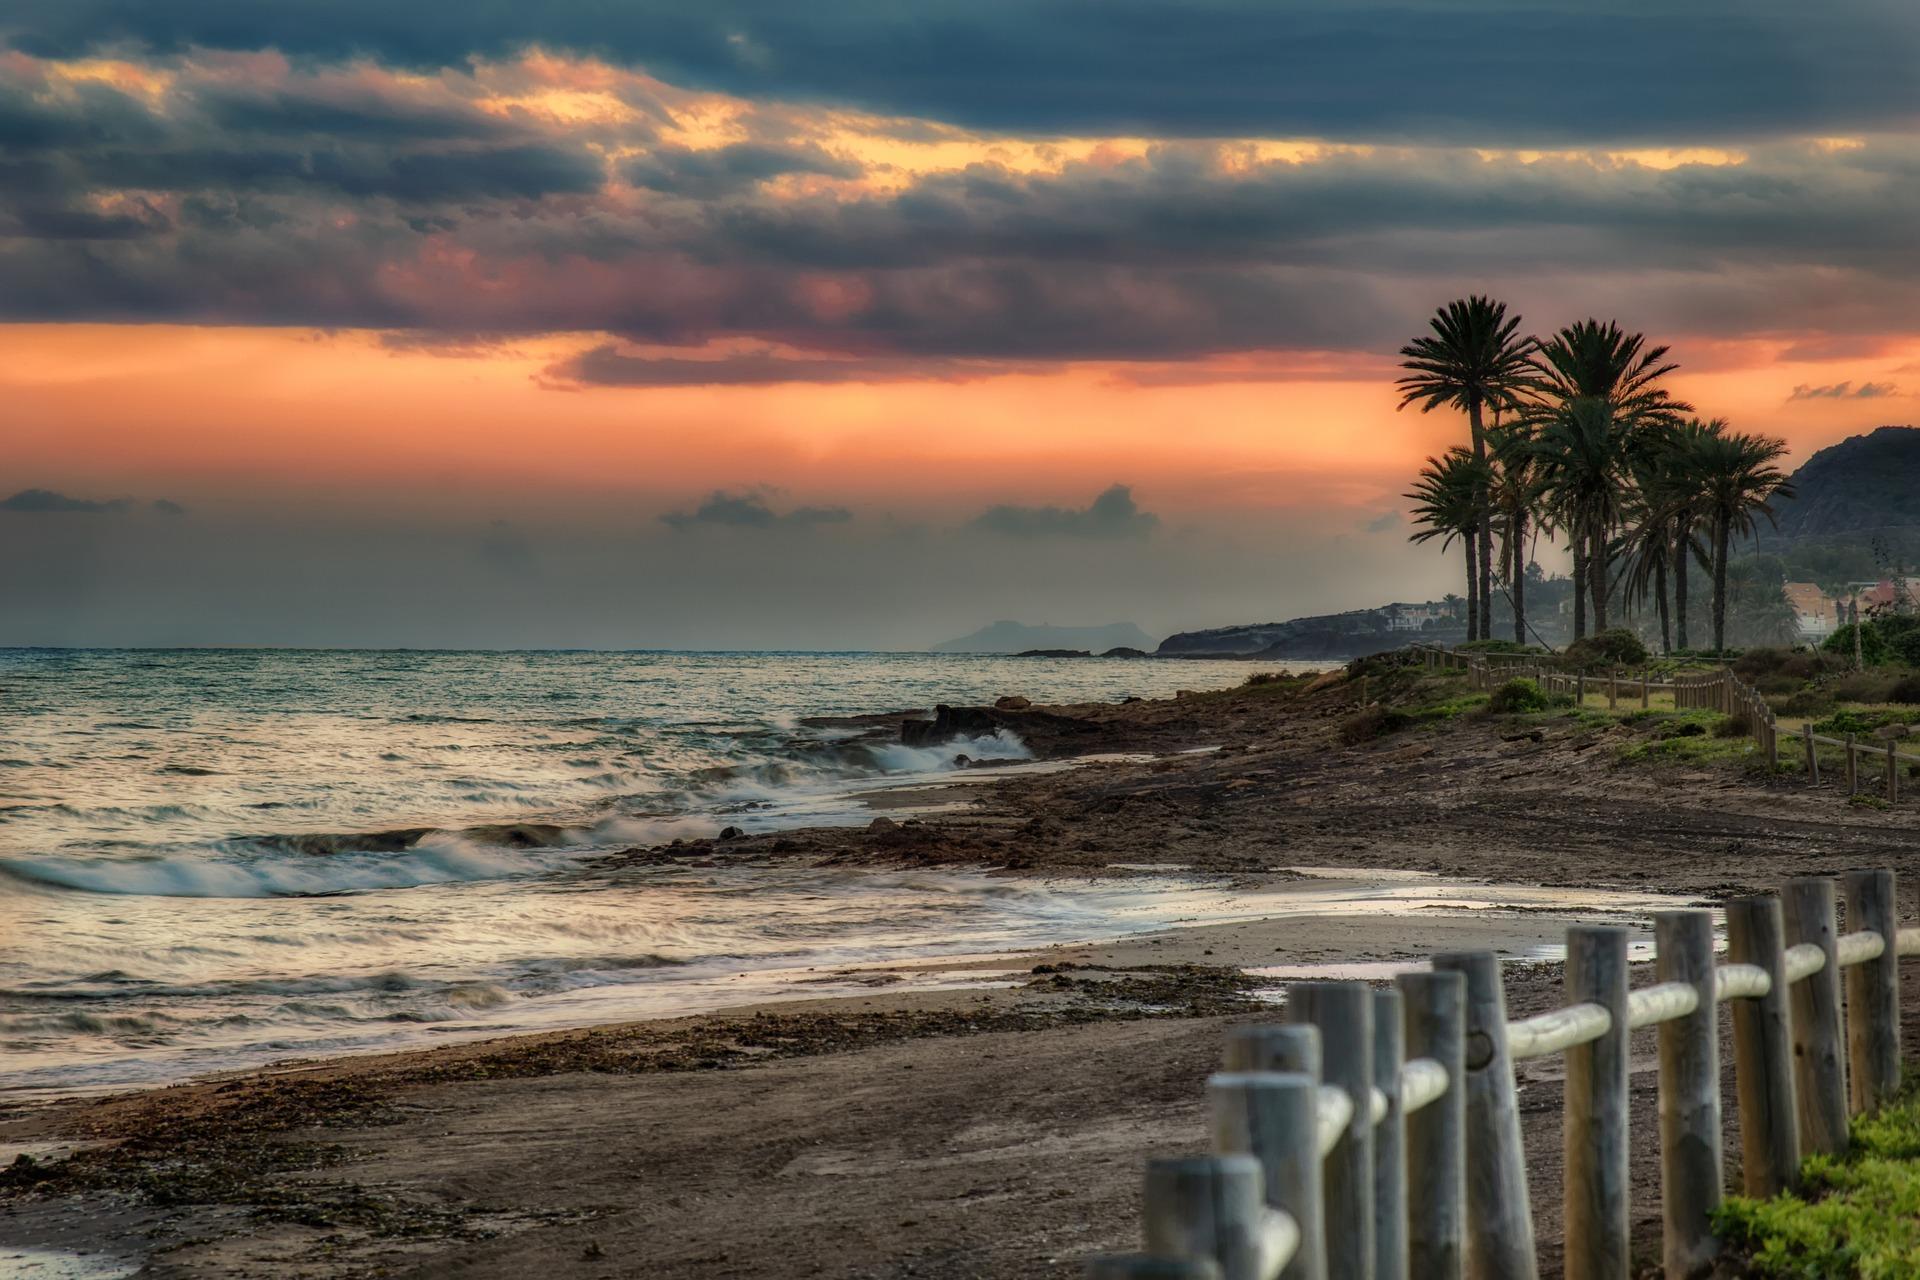 beach-3790646_1920